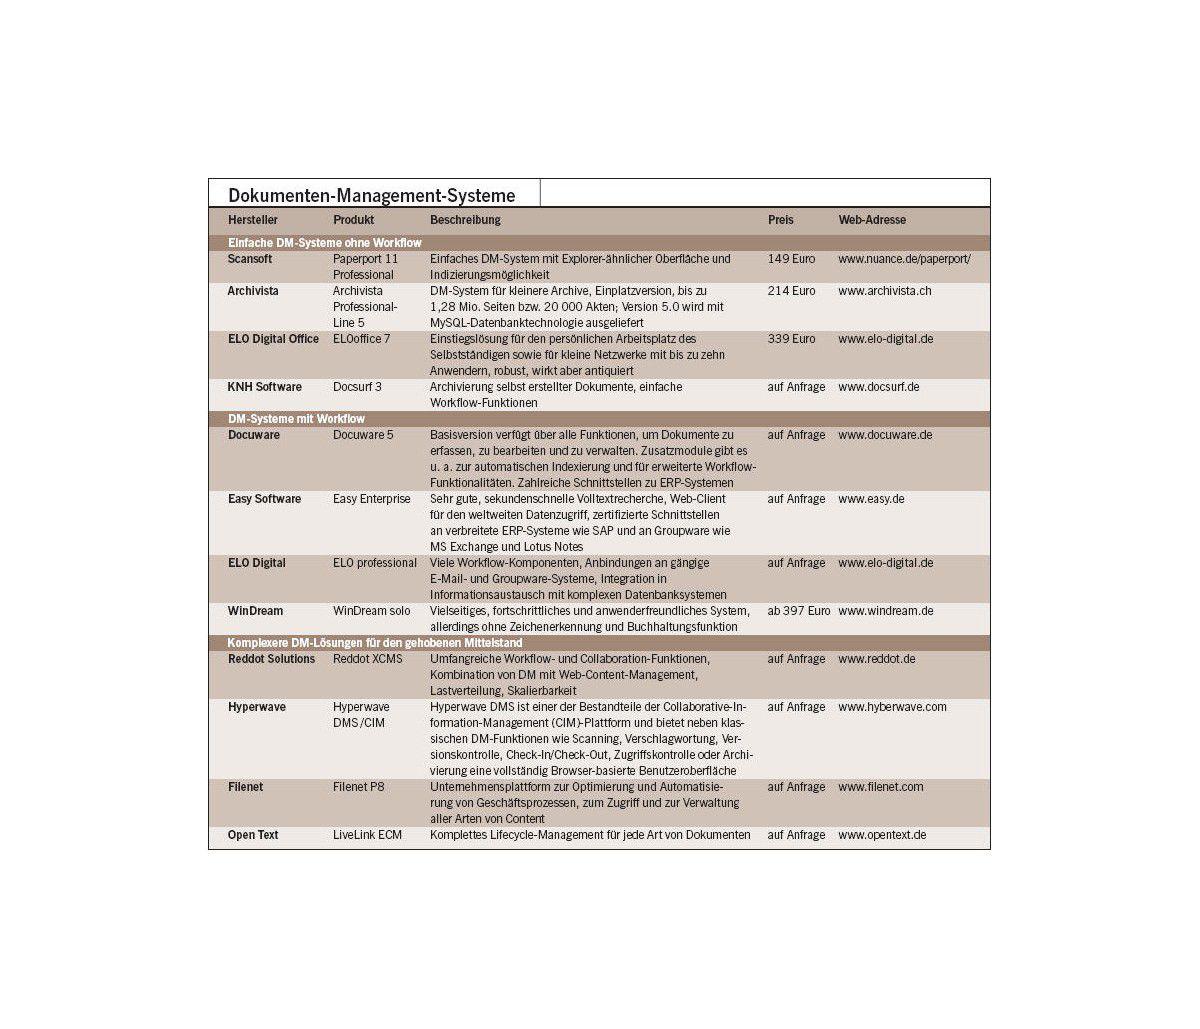 Effizienzkiller ausschalten: Dokumenten-Management: Informationen optimal  verwalten - computerwoche.de